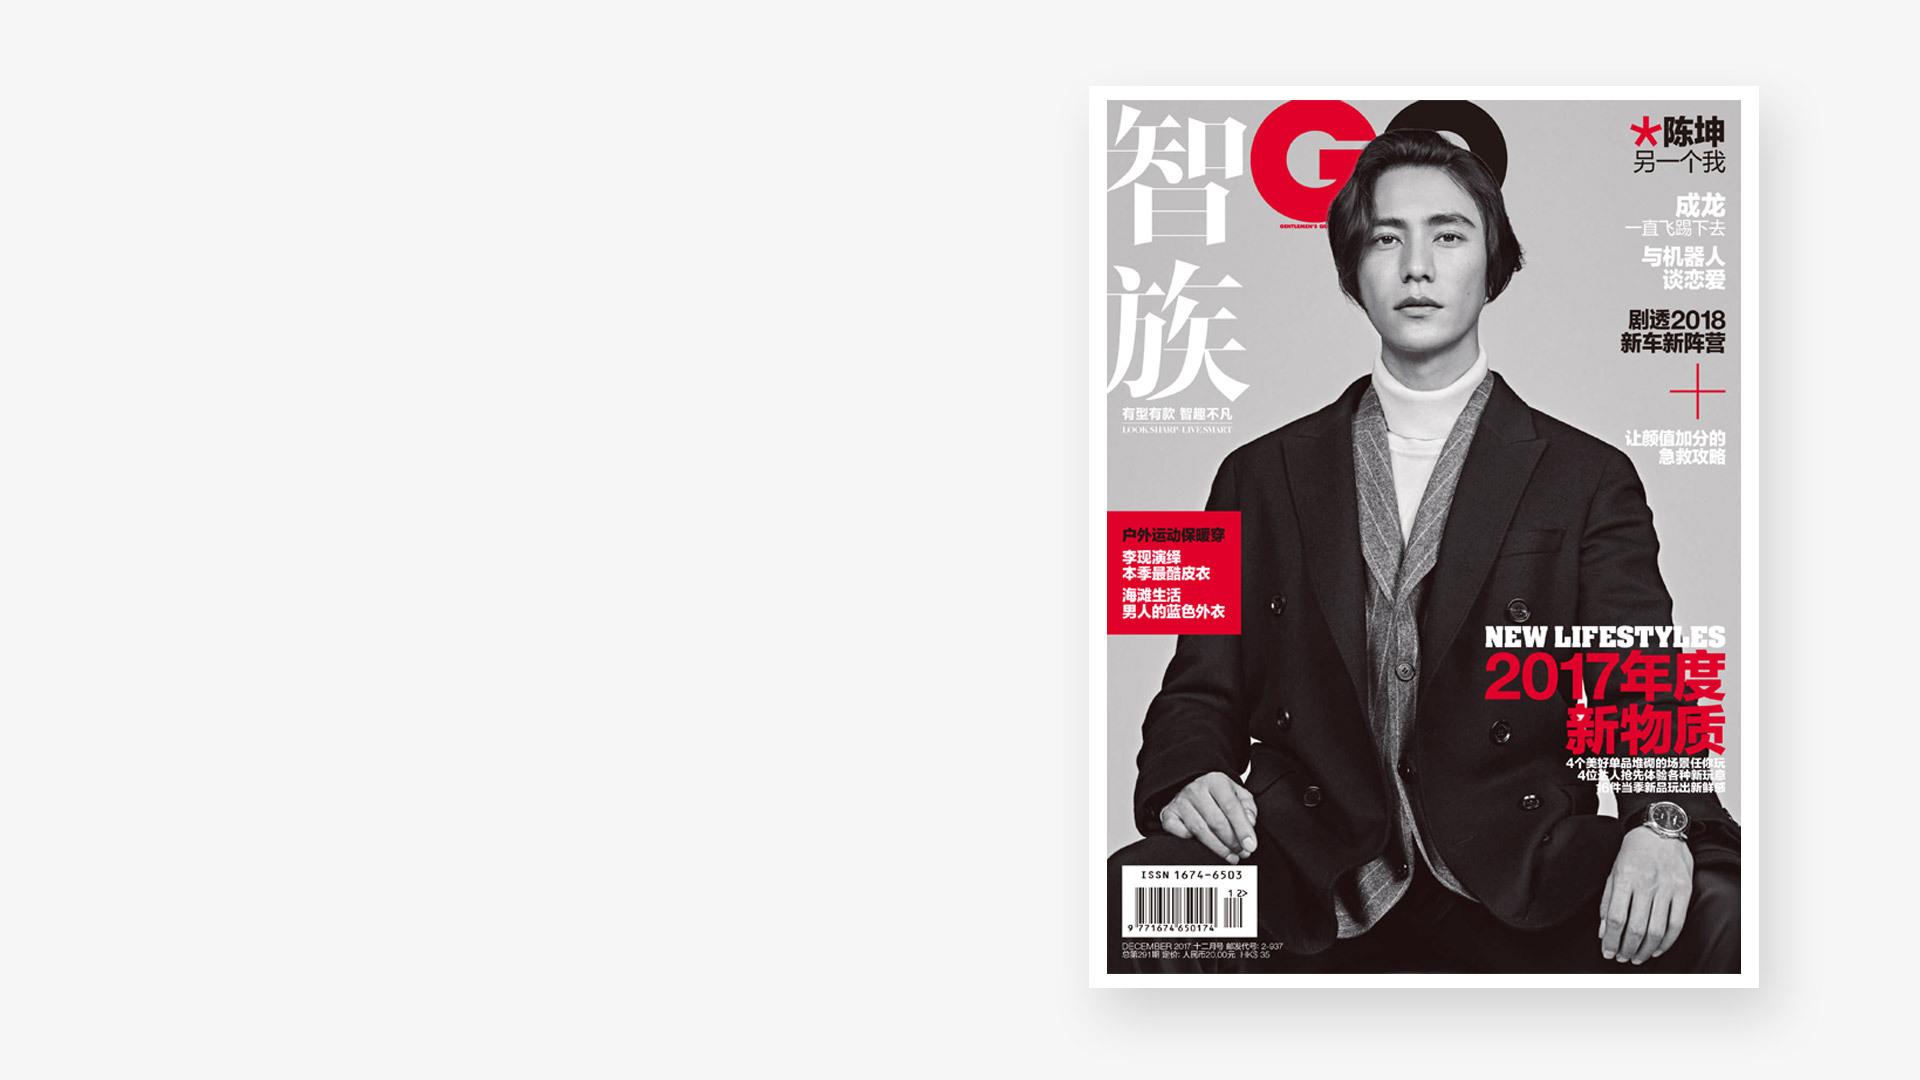 国际男性大刊《智族GQ》<br/>携造作重新定义生活方式